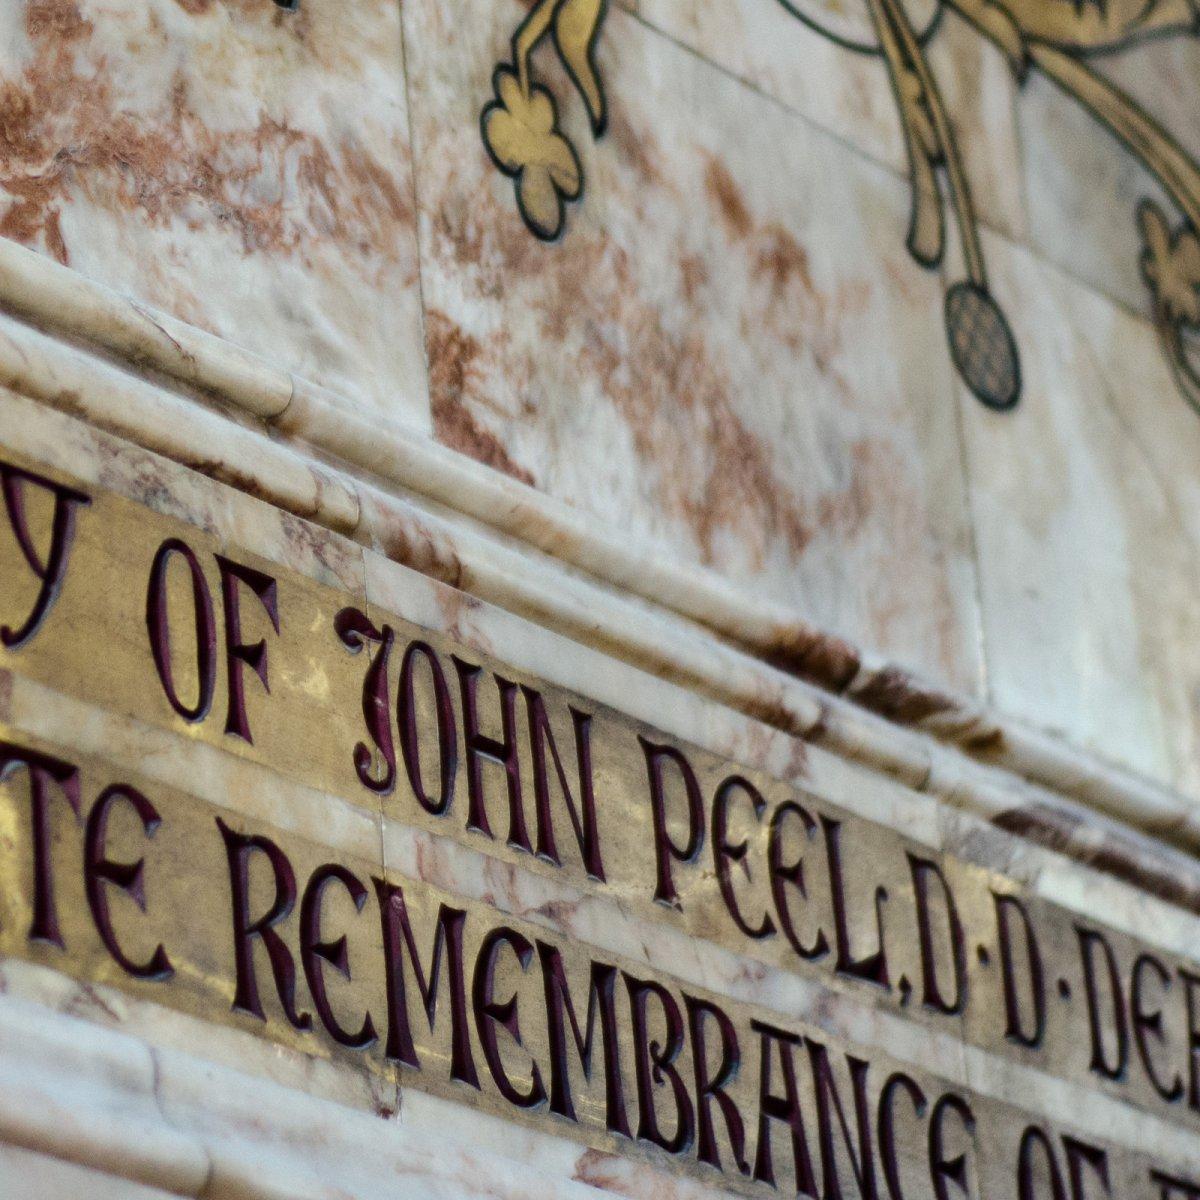 John Peel